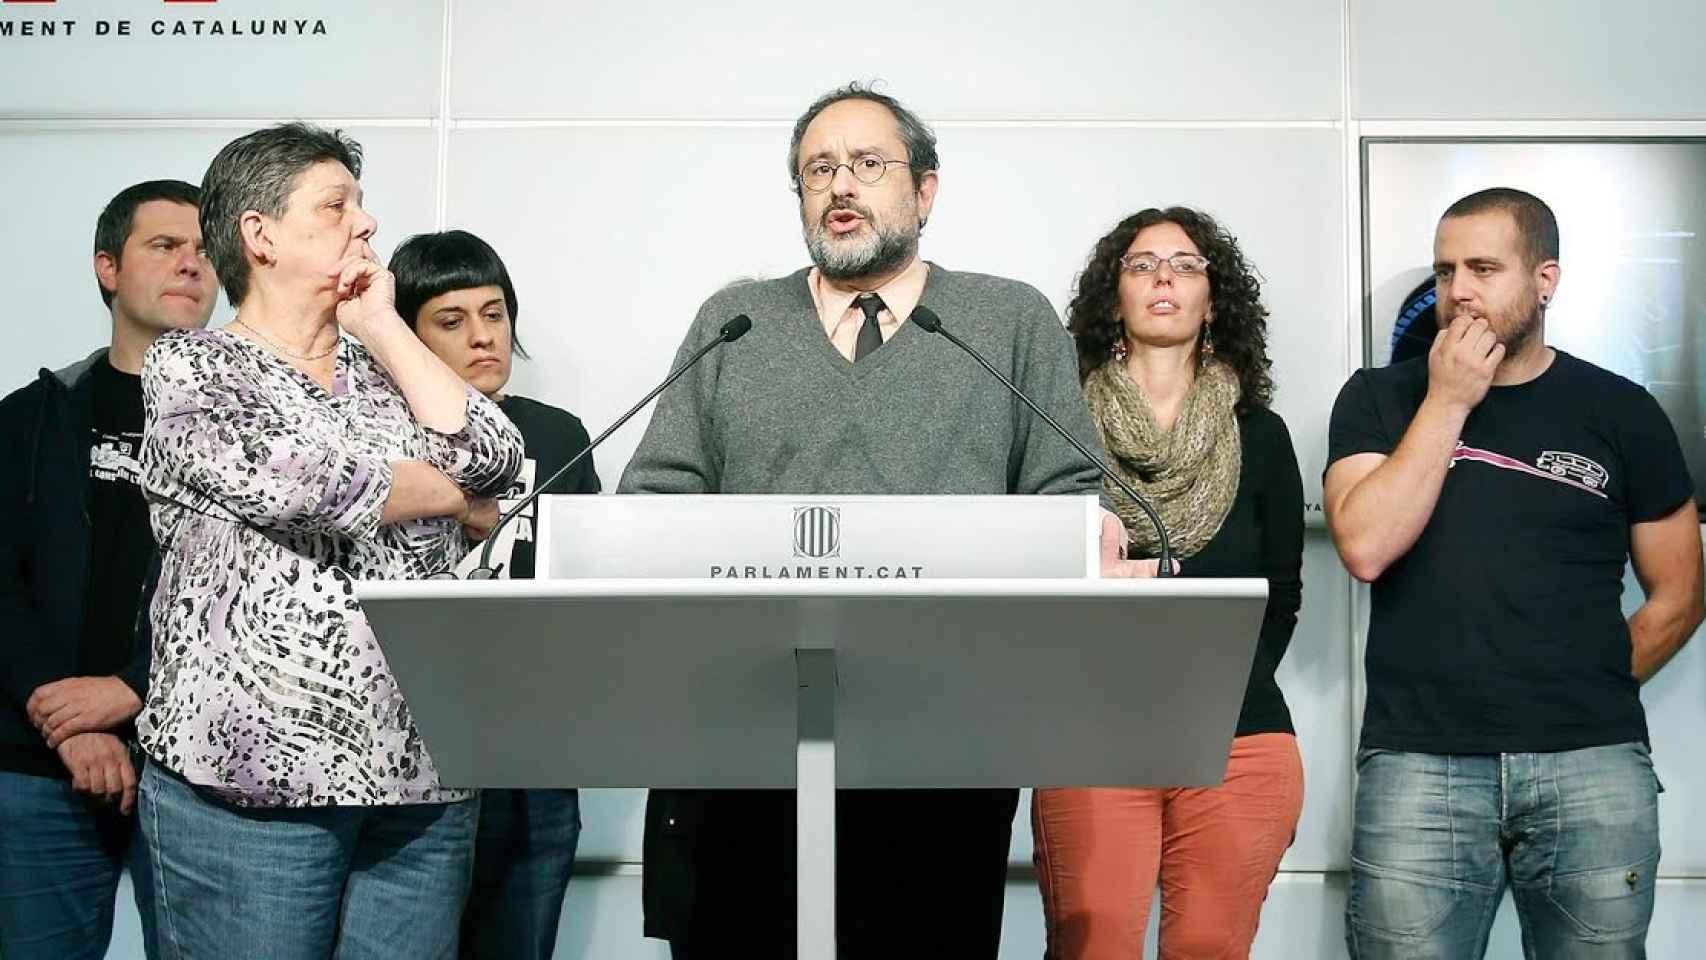 El presidente de la CUP, Antonio Baños (c) al lado de sus compañeros de escaño.